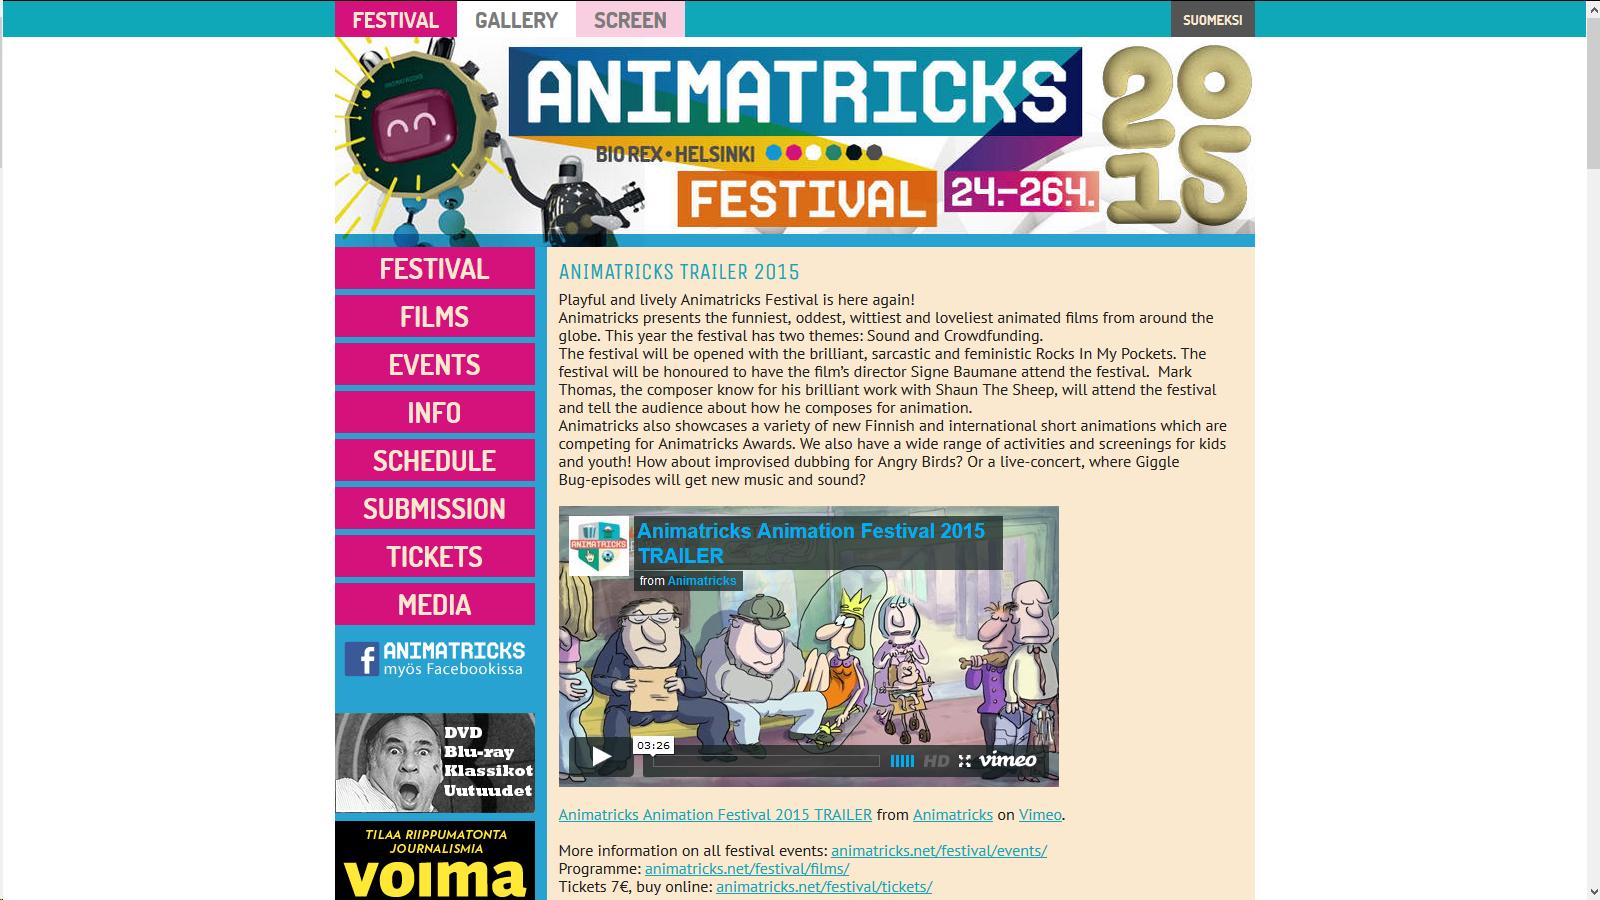 http://www.animatricks.net/festival/